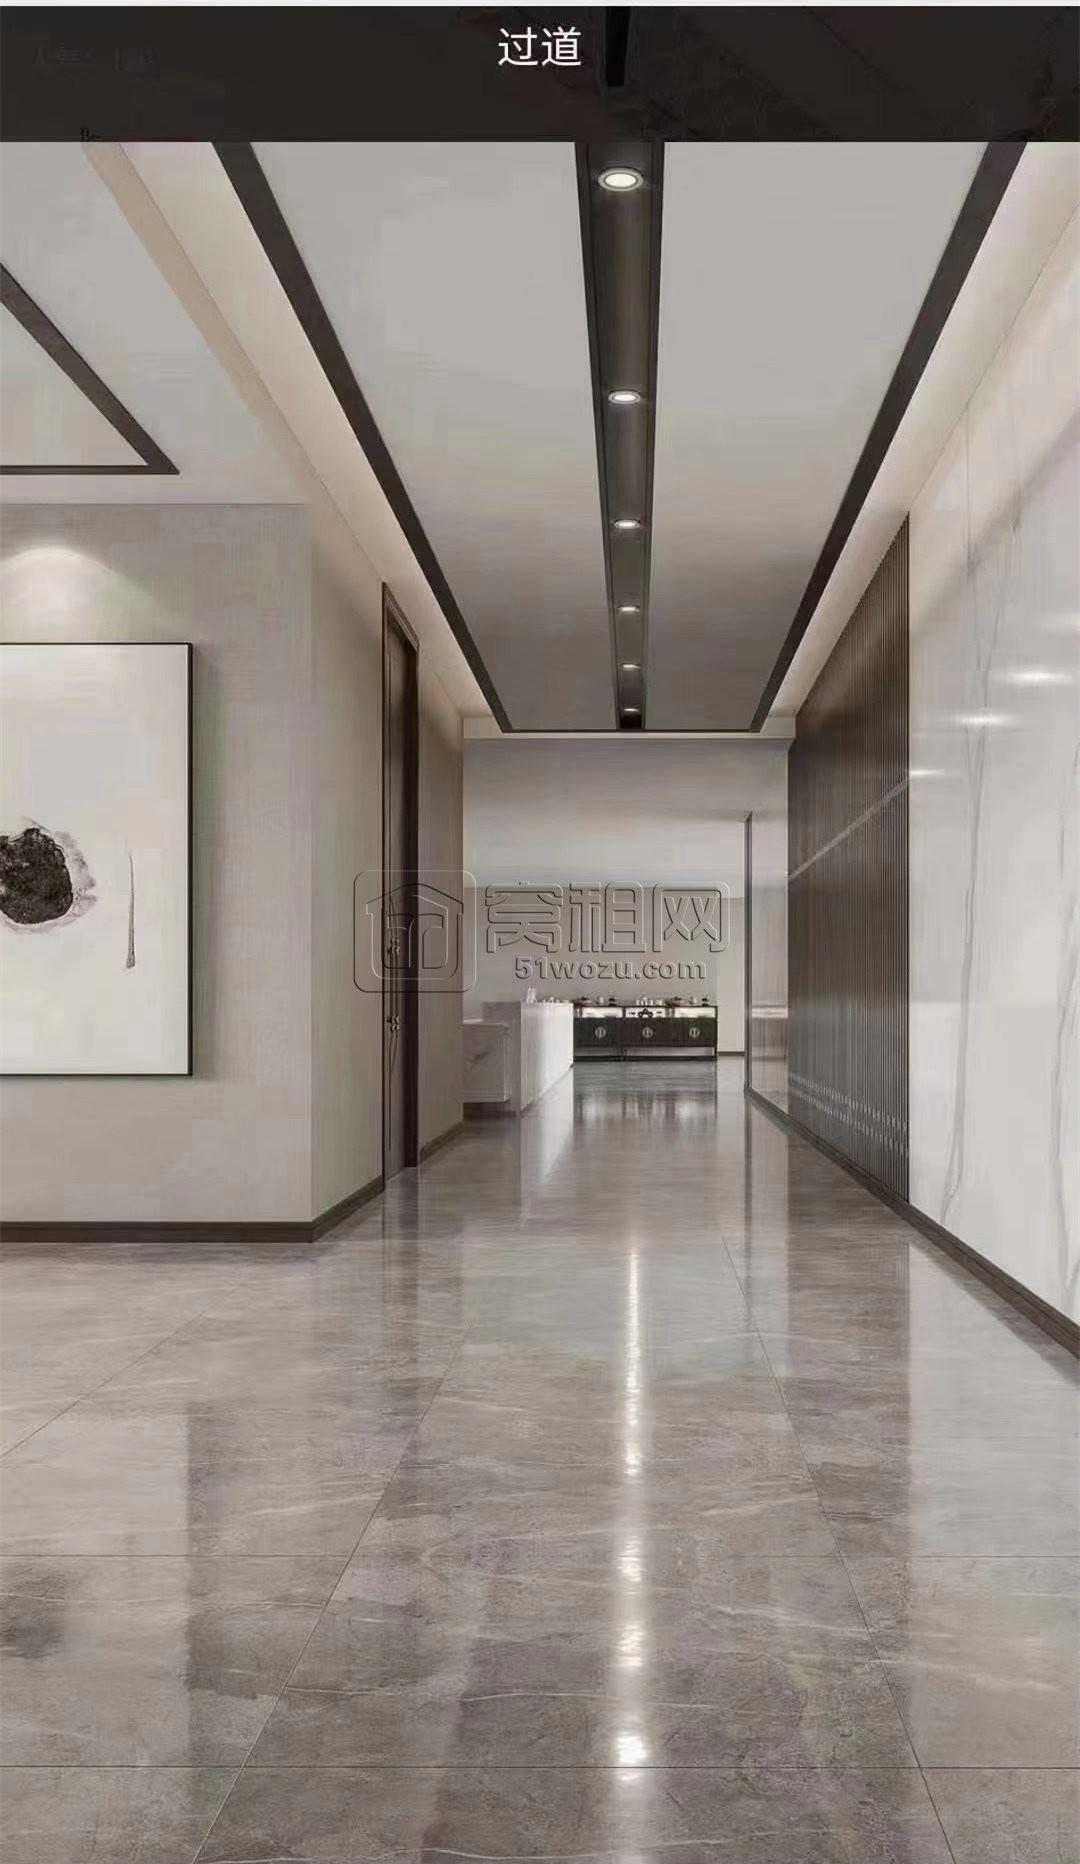 鄞州区潘火亿天大厦食堂+会所出租